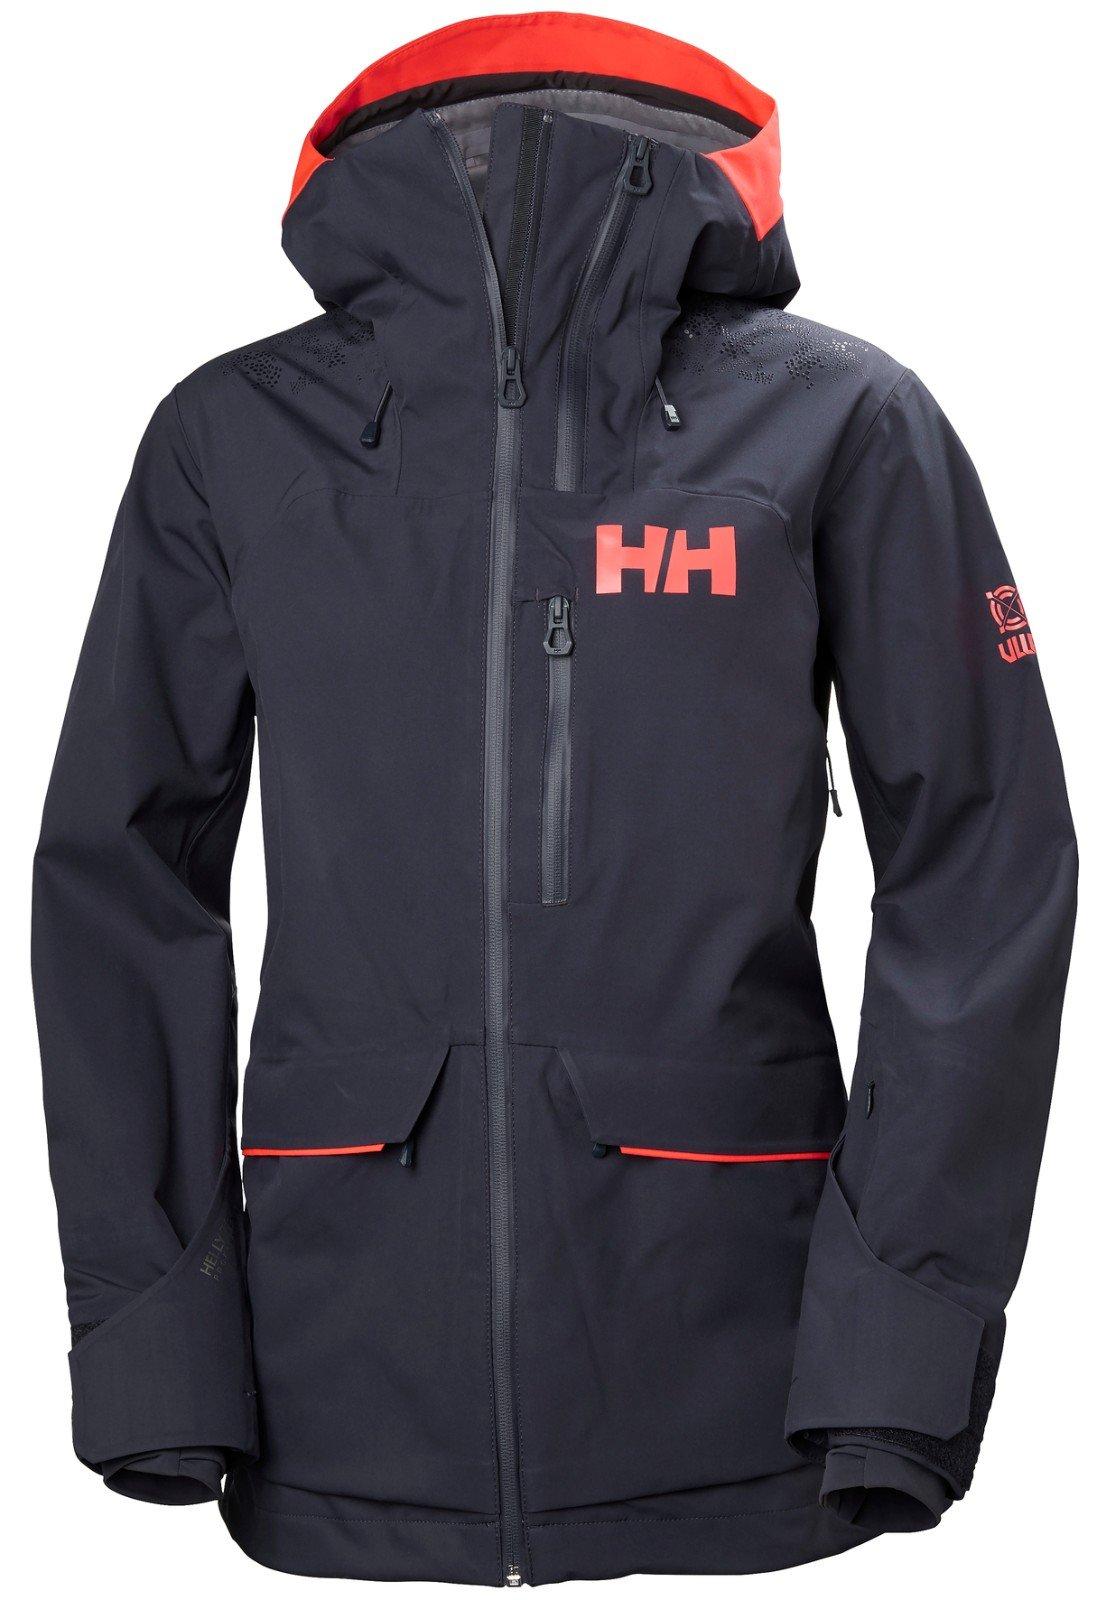 Helly Hansen Women's Aurora 2.0 Waterproof Shell Ski Jacket, Graphite Blue, Large